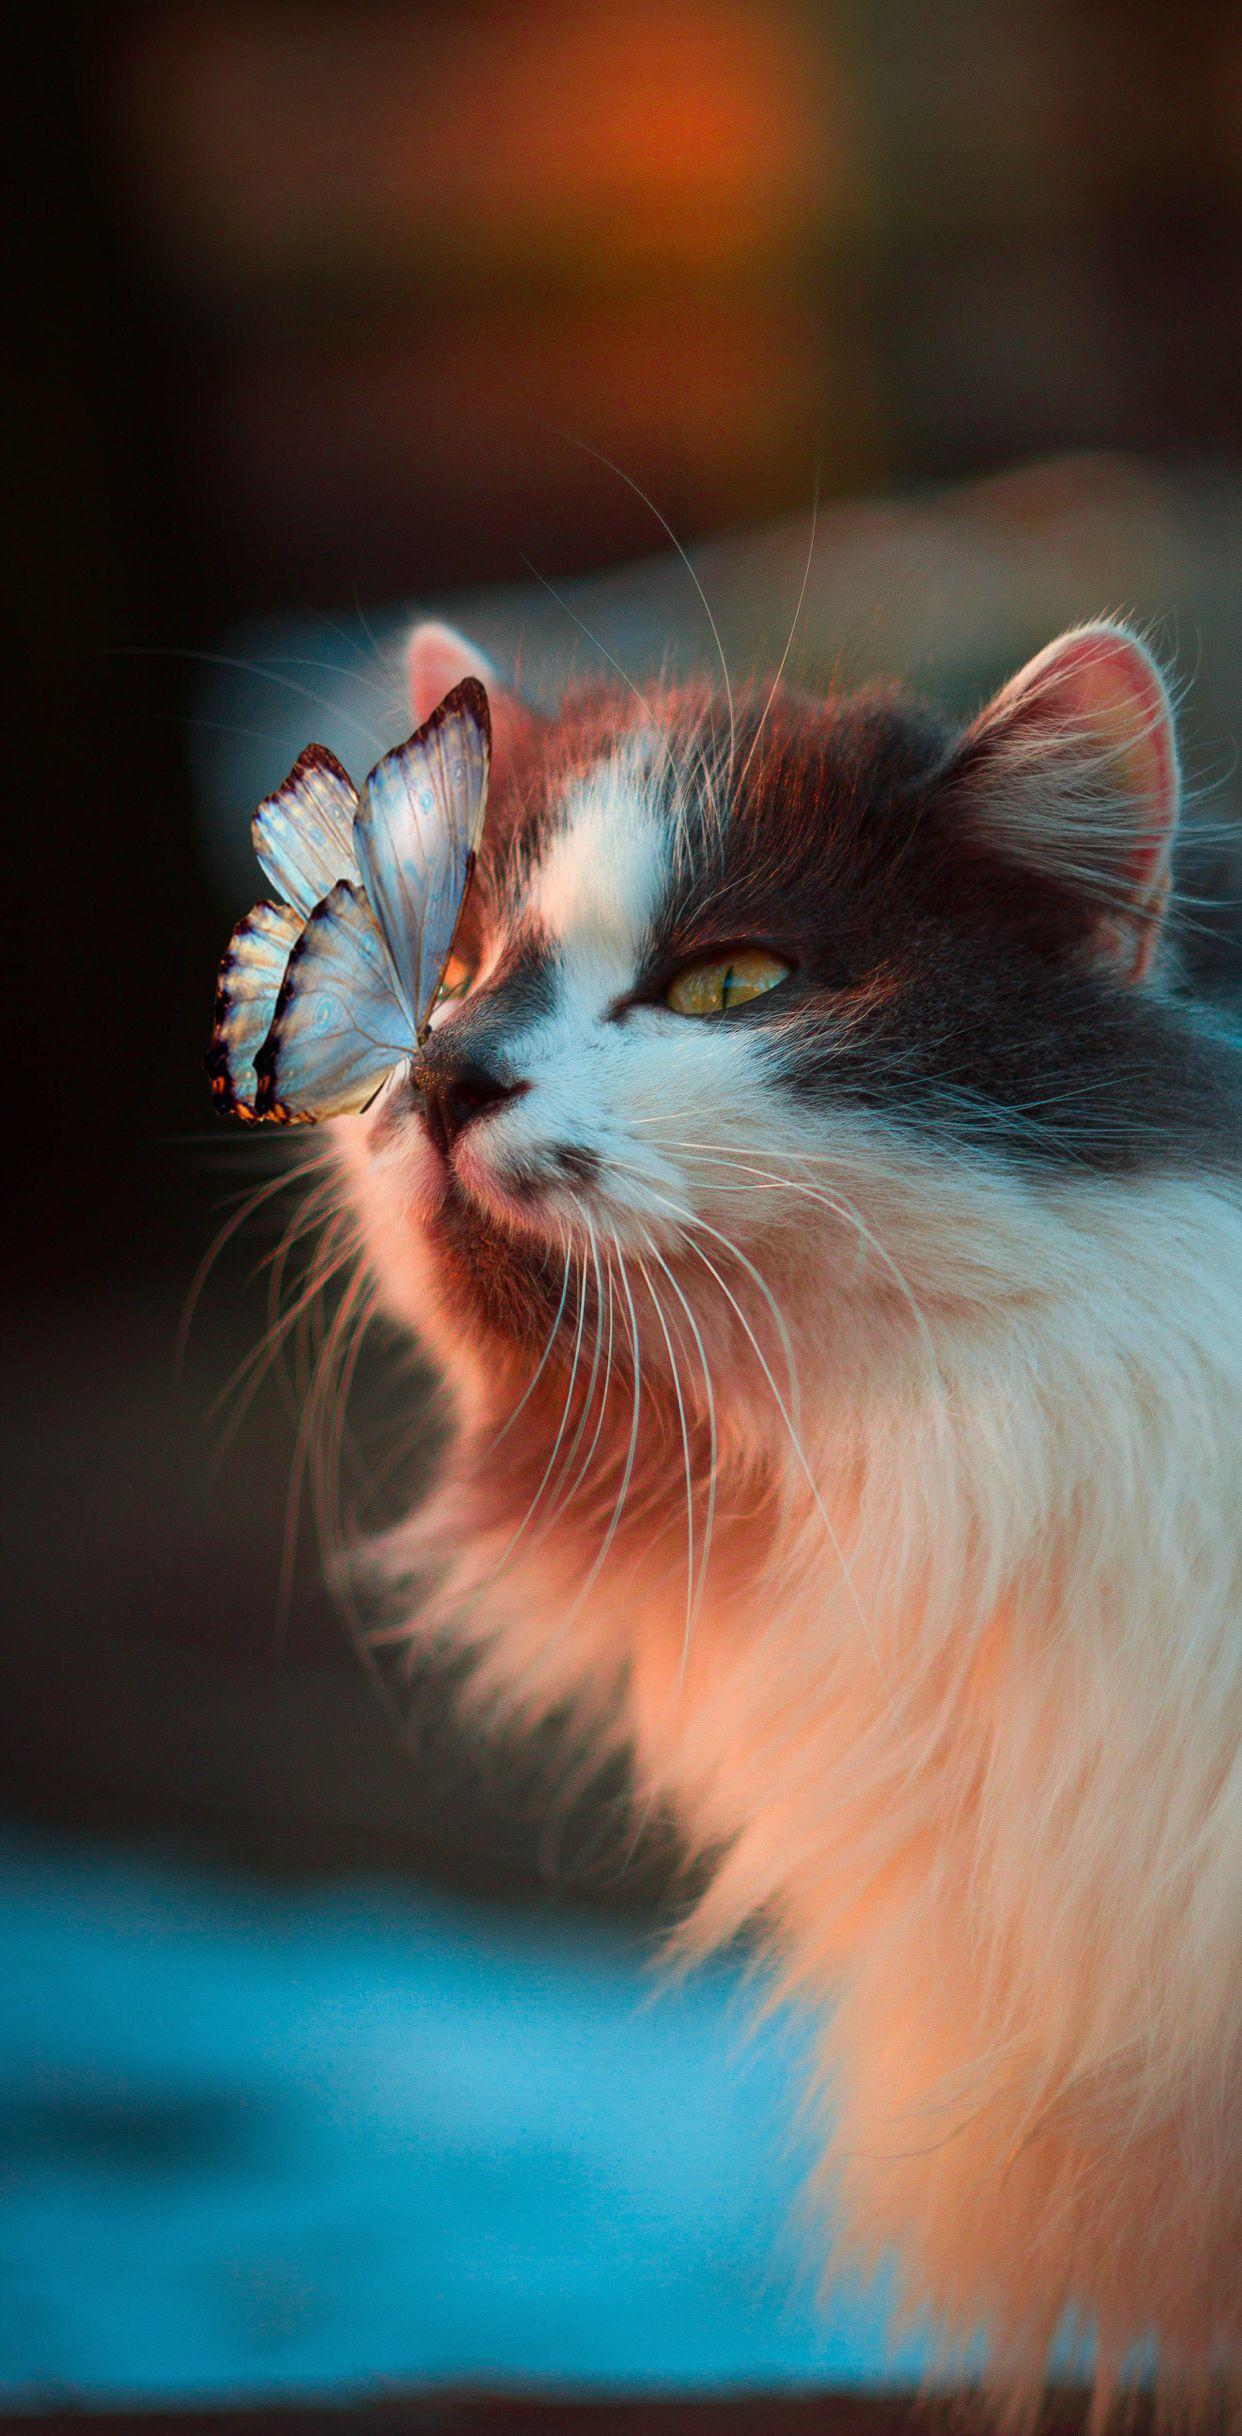 Beautiful cat wallpapers Vol. 01 Cute cat wallpaper, Cat